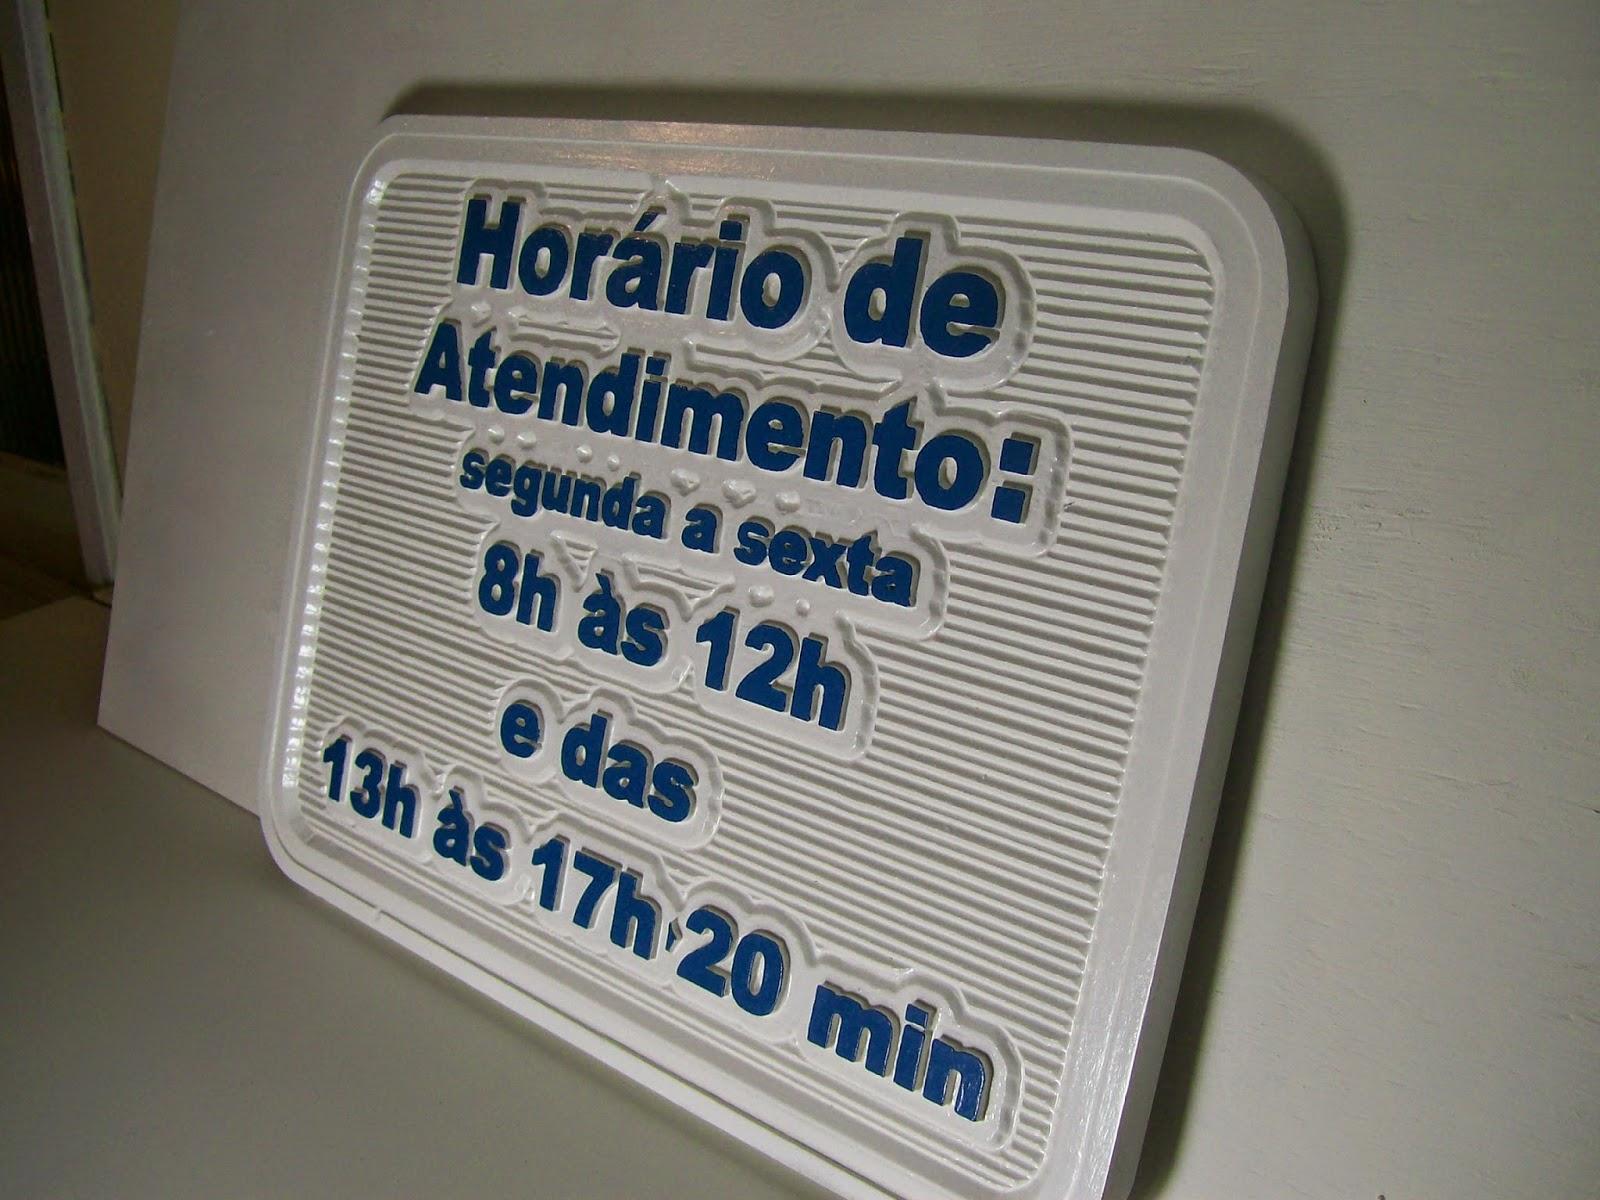 placa de horário